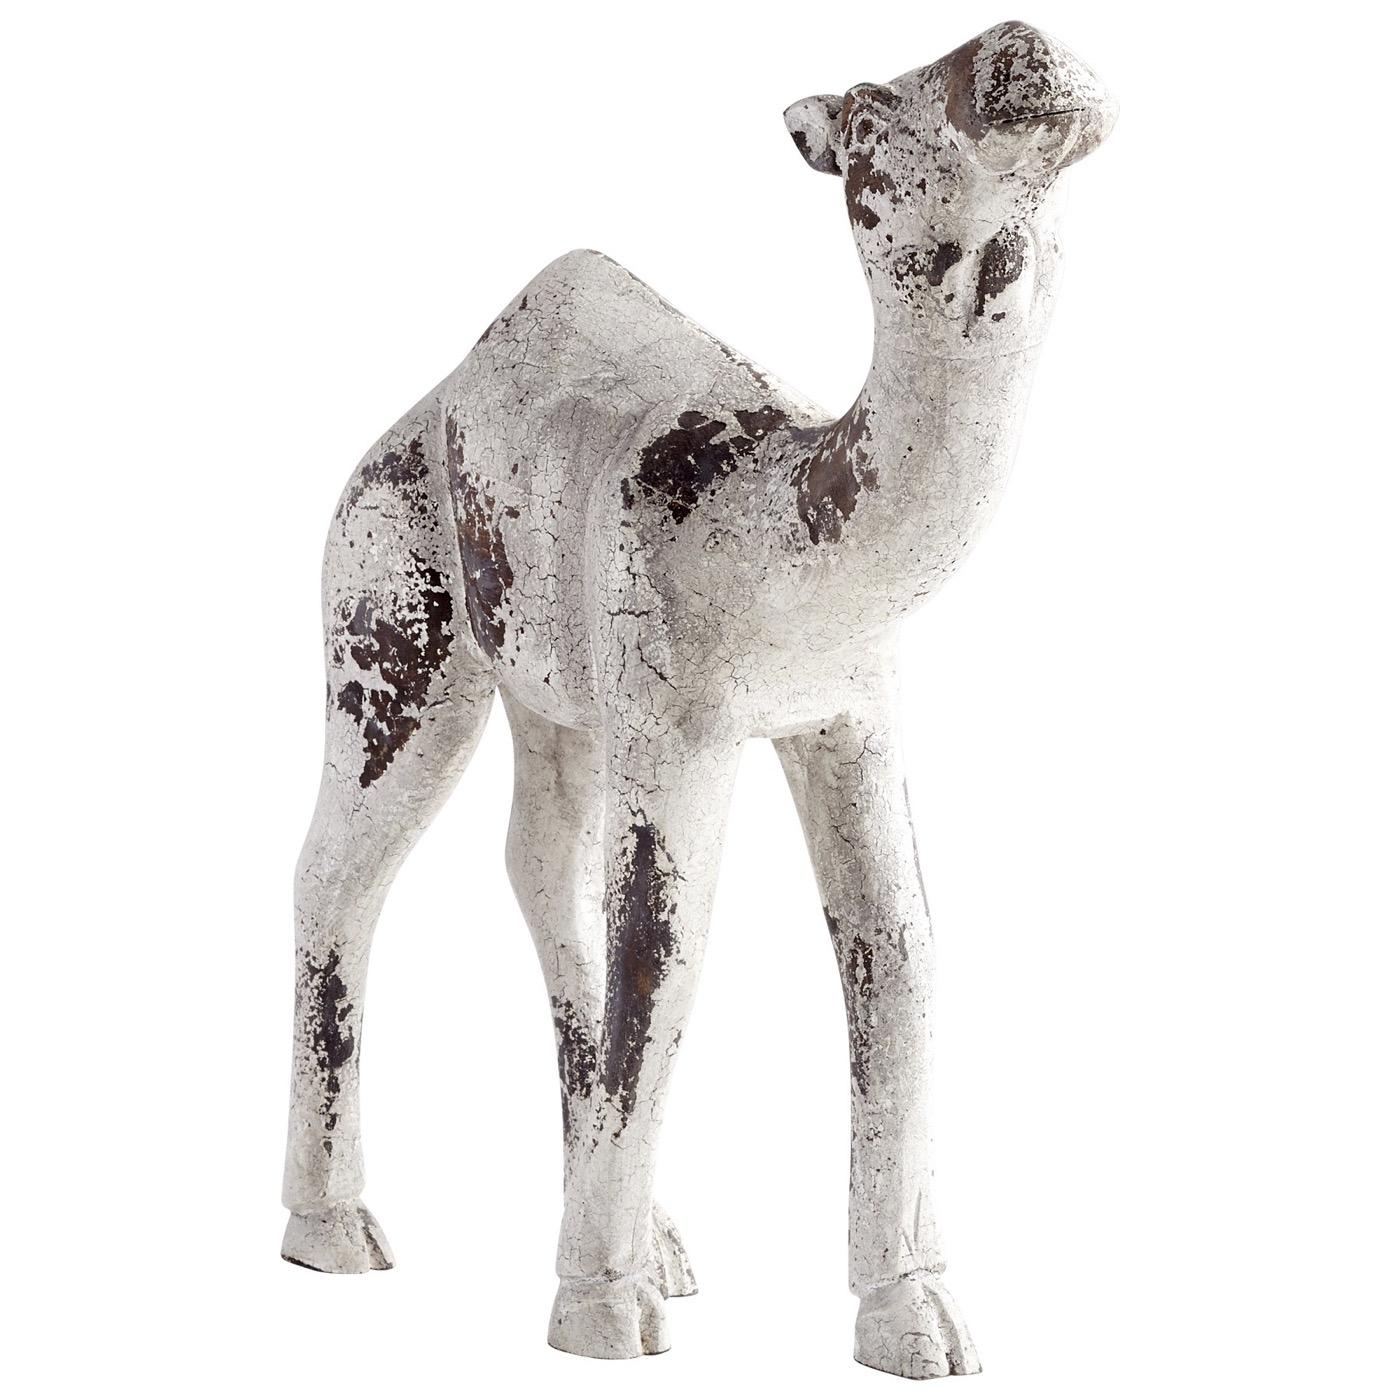 Kamel Sculptures Set